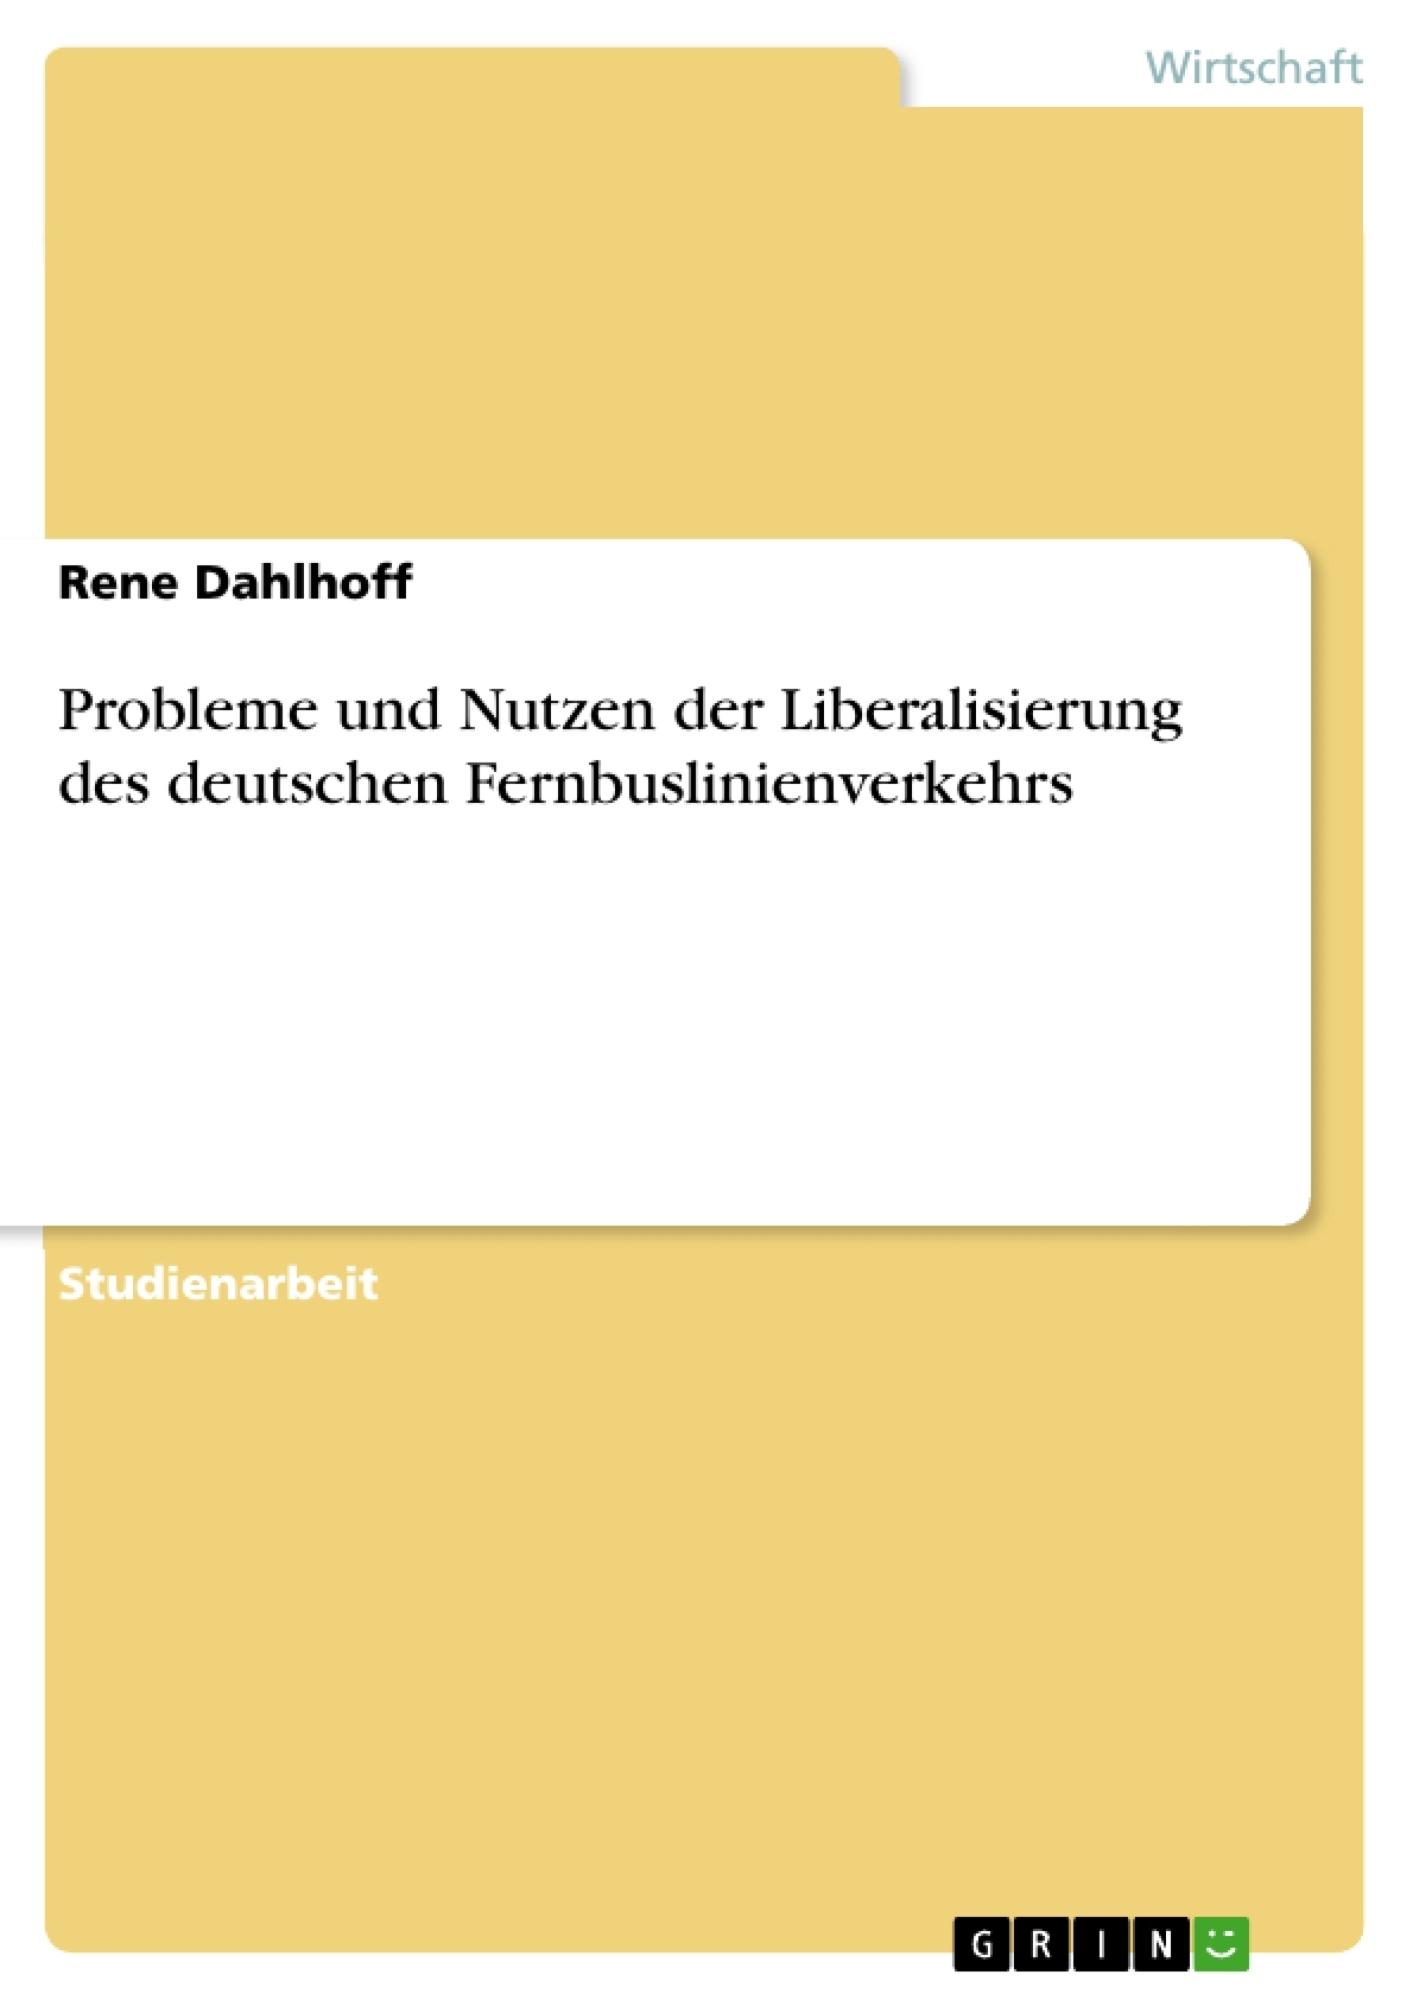 Titel: Probleme und Nutzen der Liberalisierung des deutschen Fernbuslinienverkehrs